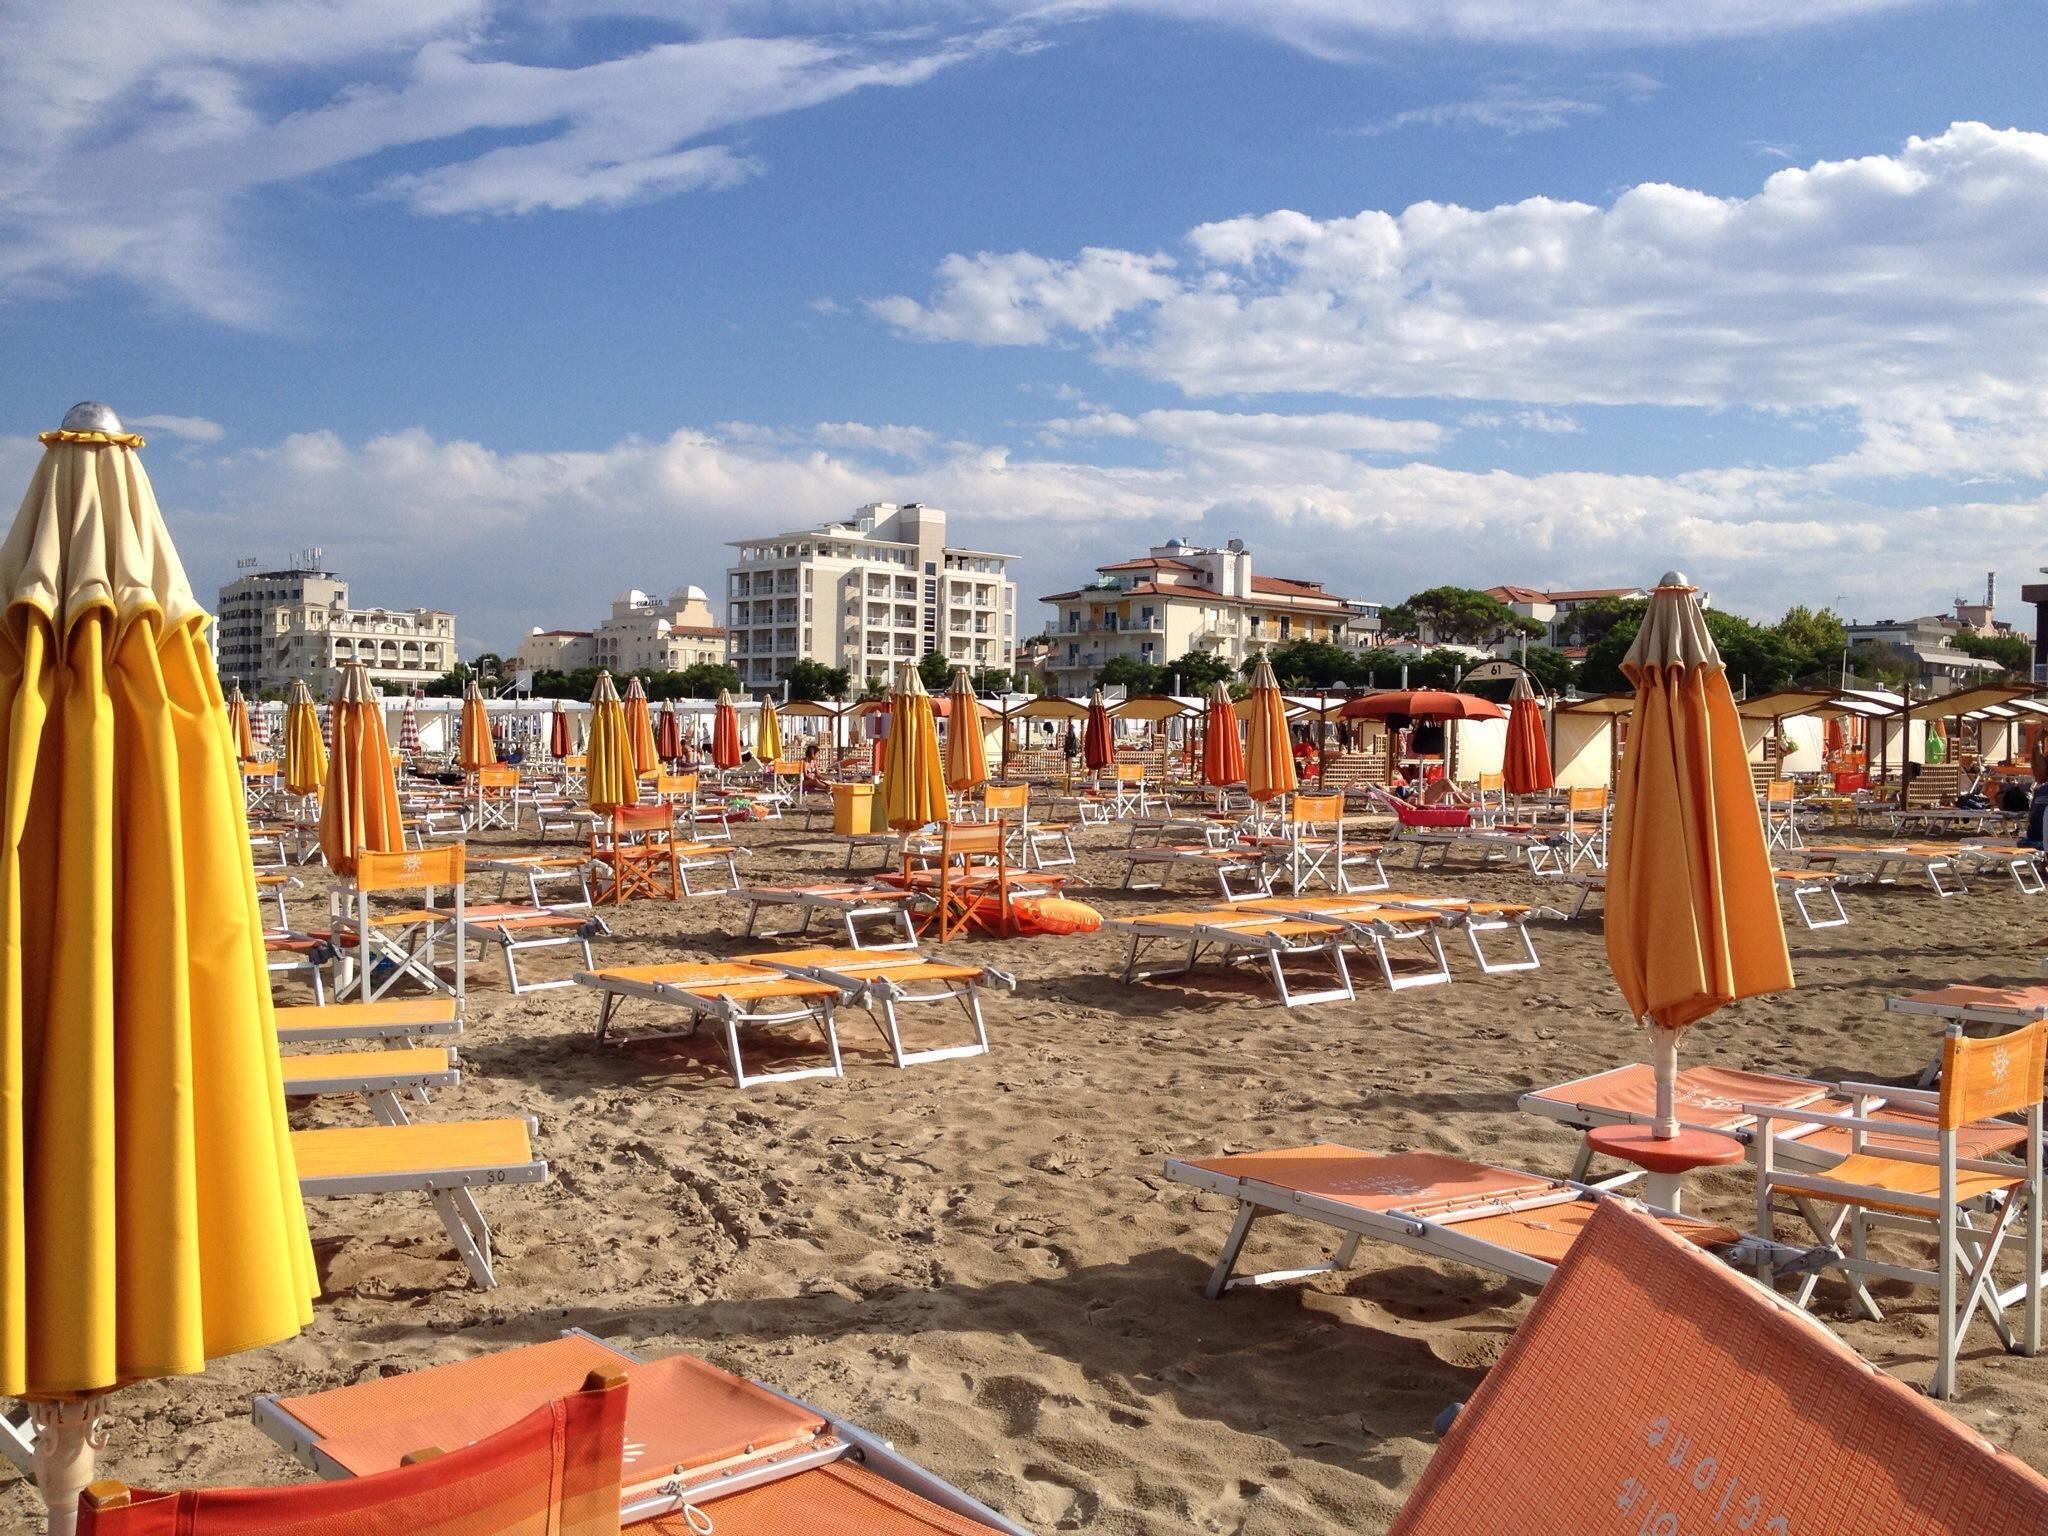 Spiaggia 61 - Della Rosa (Riccione, Italy): Top Tips Before You Go ...